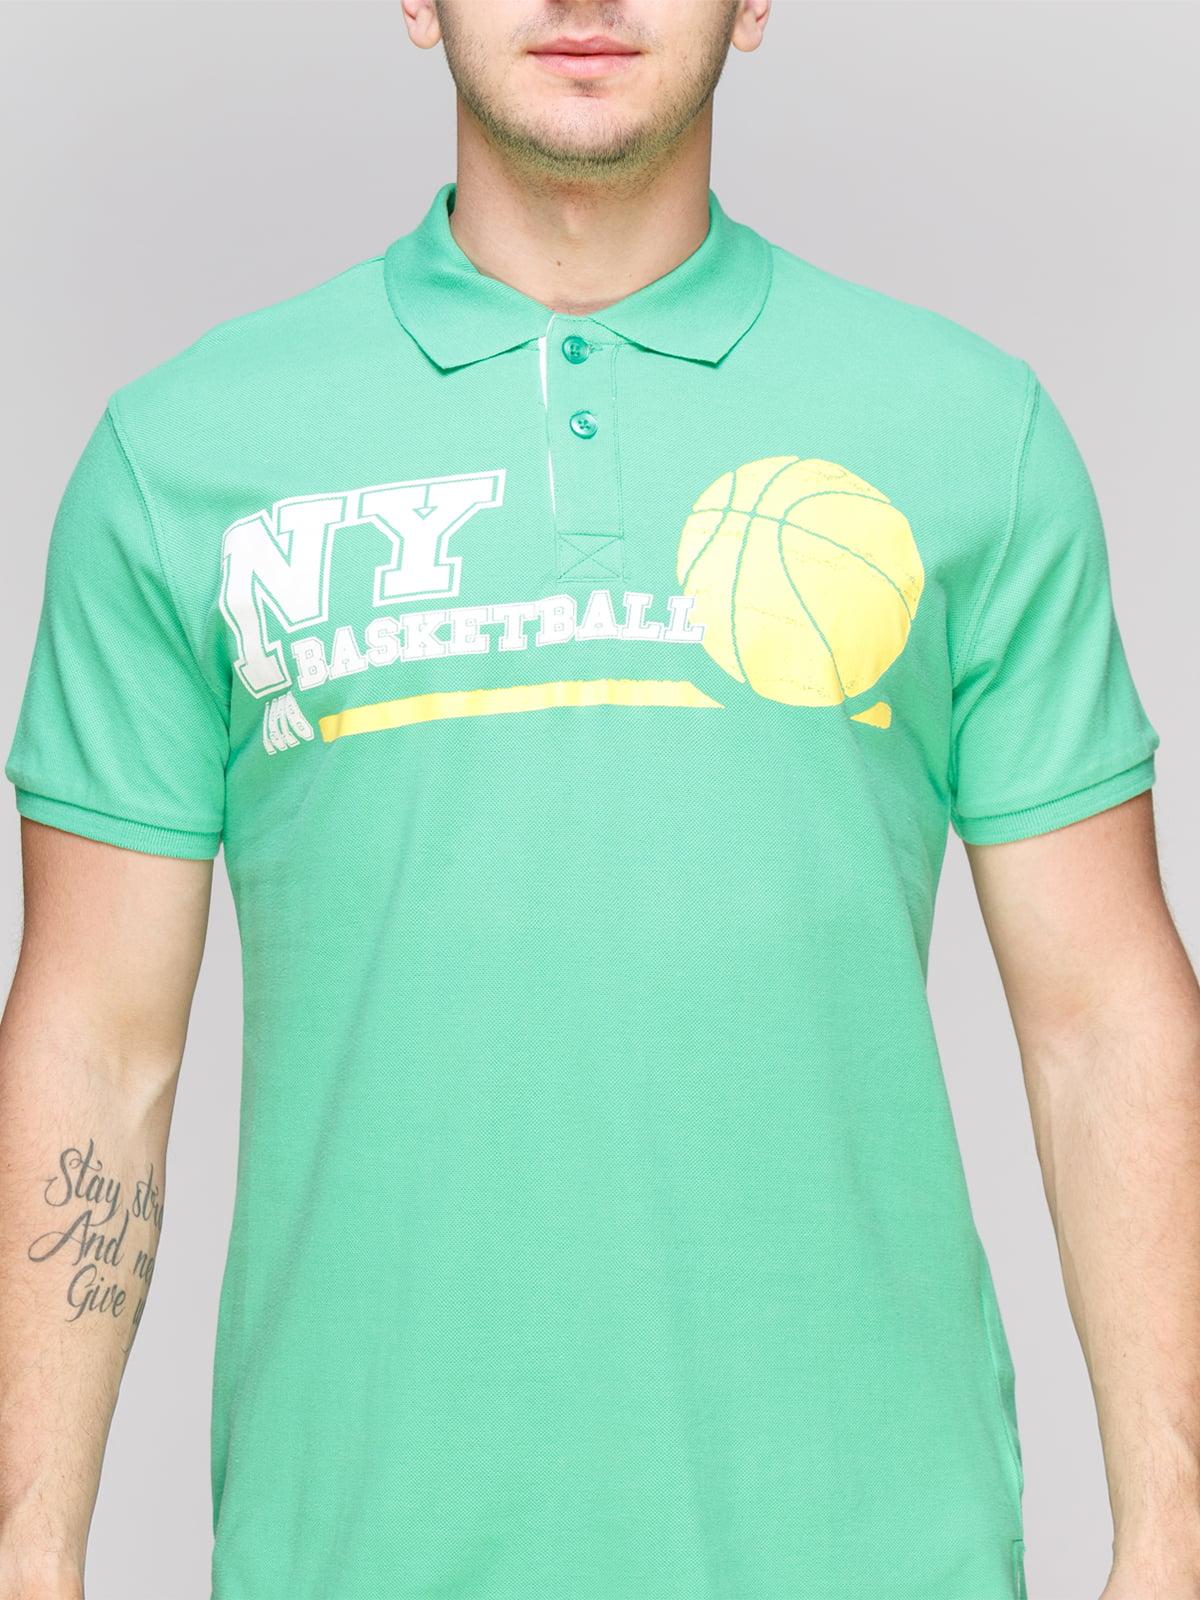 Футболка-поло світло-зелена з принтом | 4854945 | фото 3